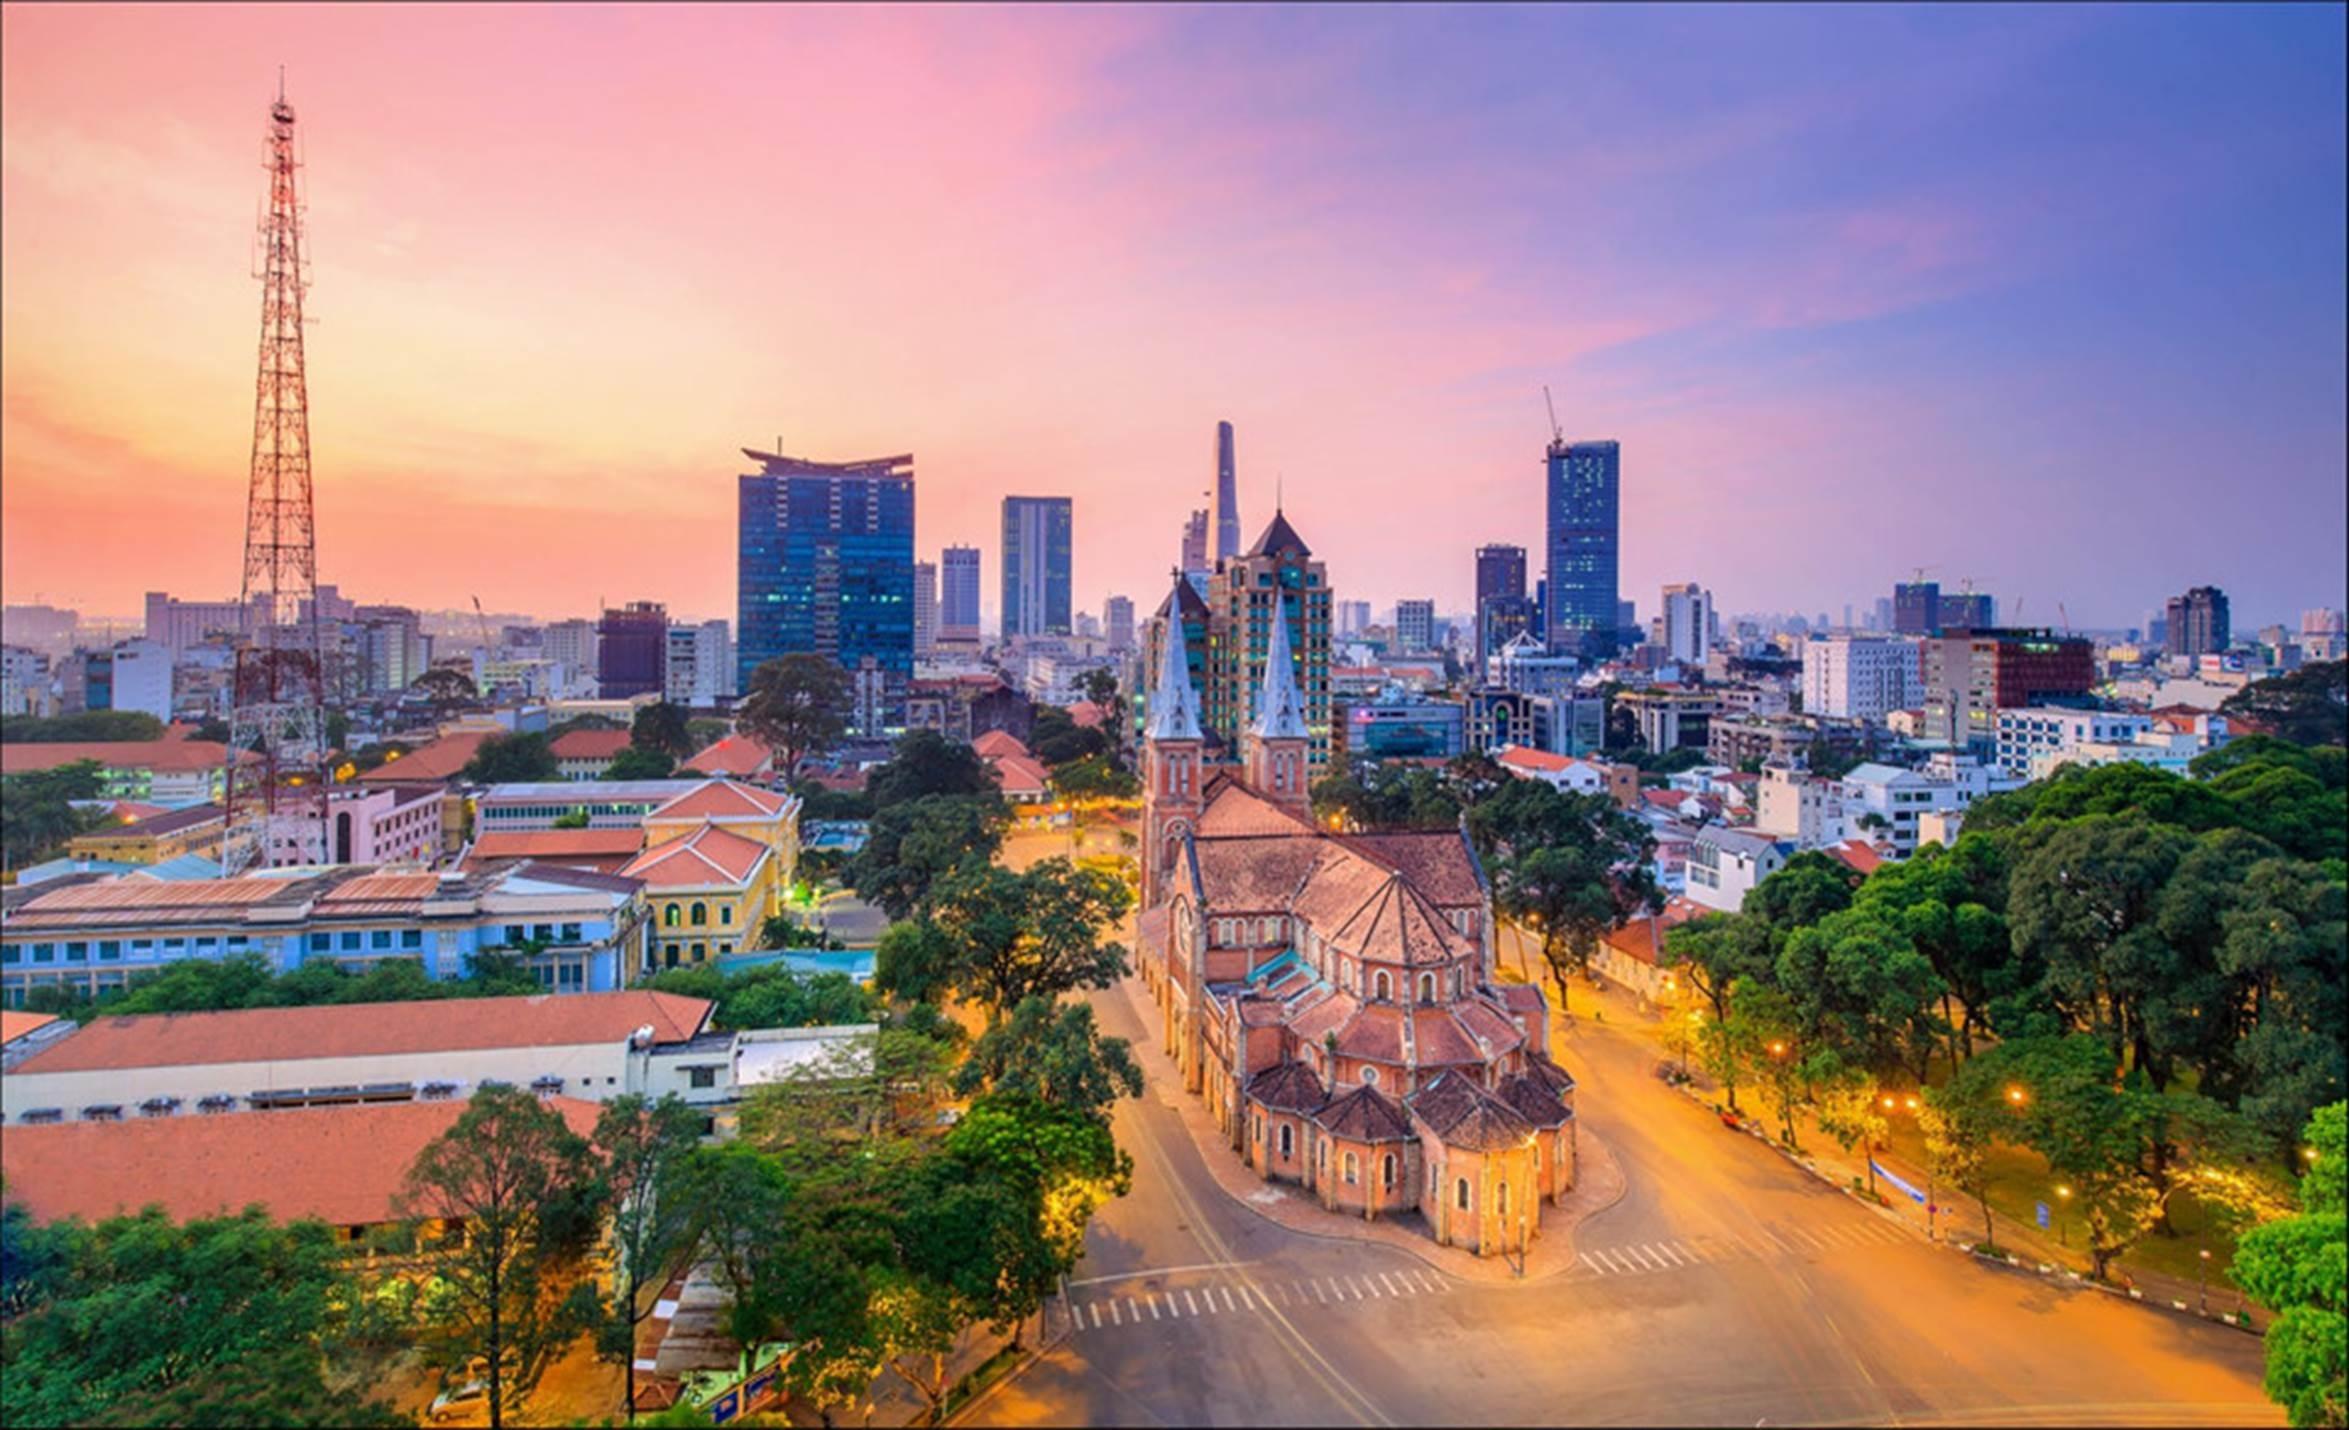 Sài Gòn hoa lệ lung linh ánh đèn trong 'Dấu ấn Việt Nam'-1